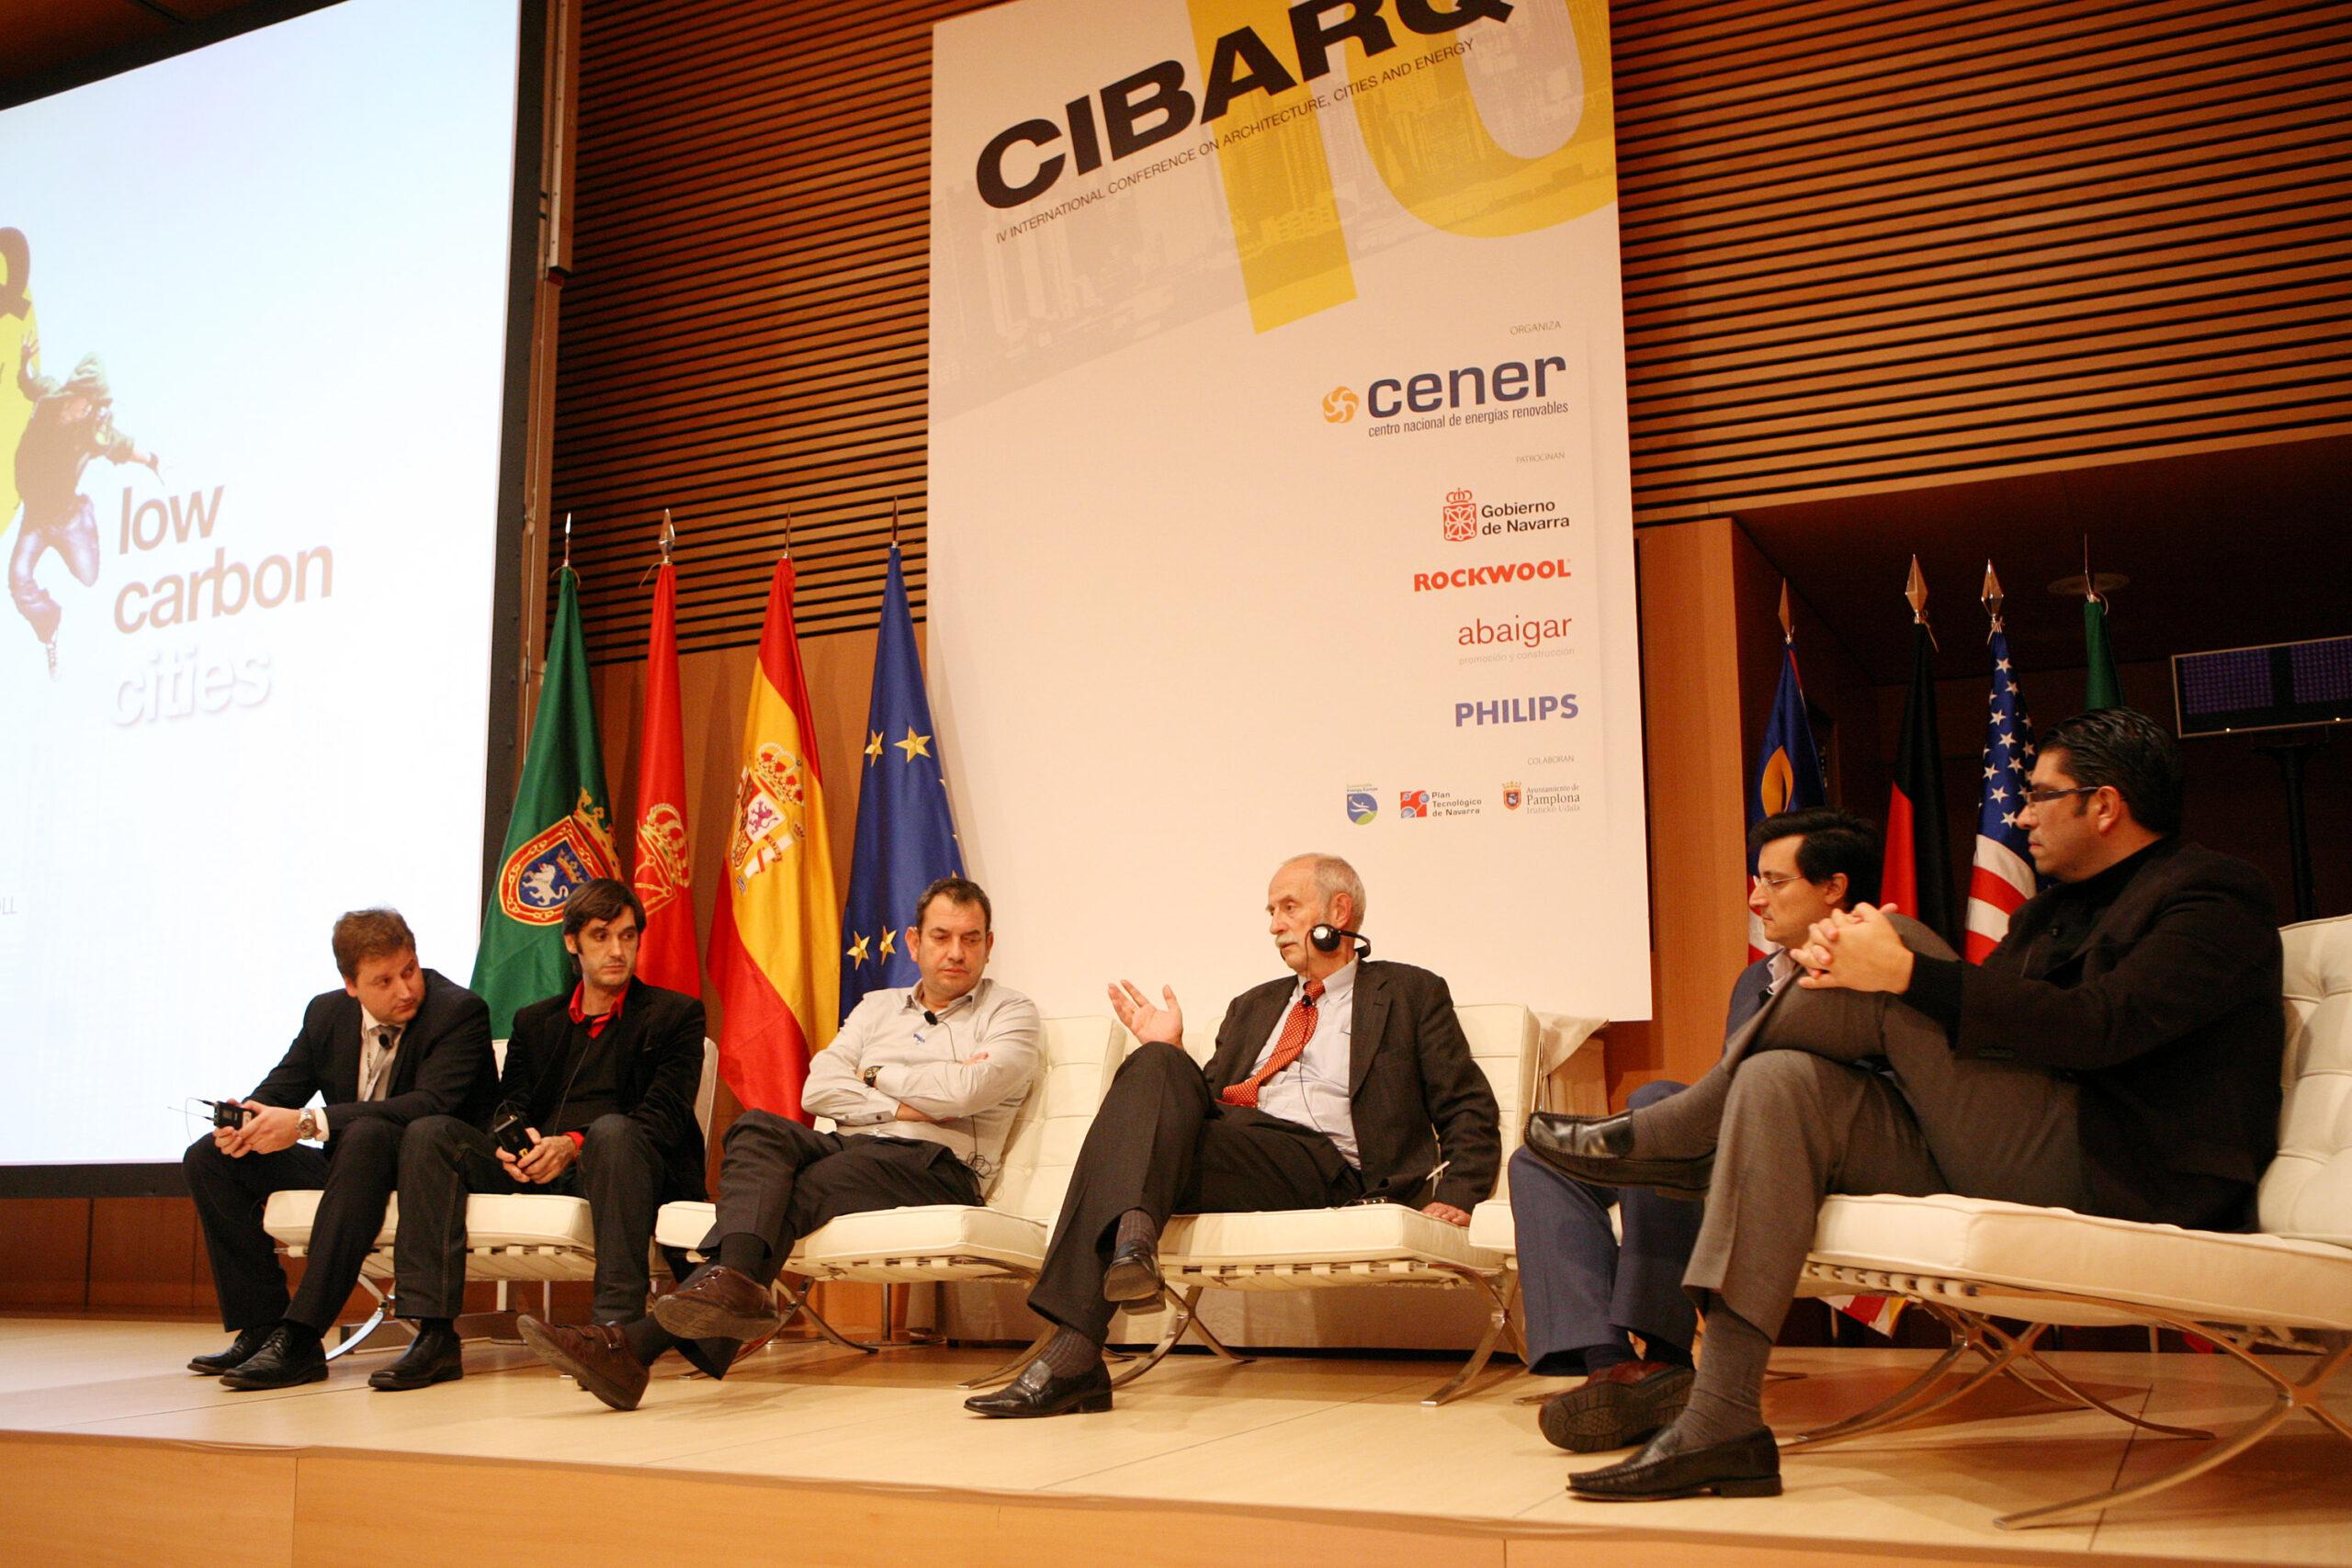 Tertulia de algunos de los ponentes de CIBARQ 2010.